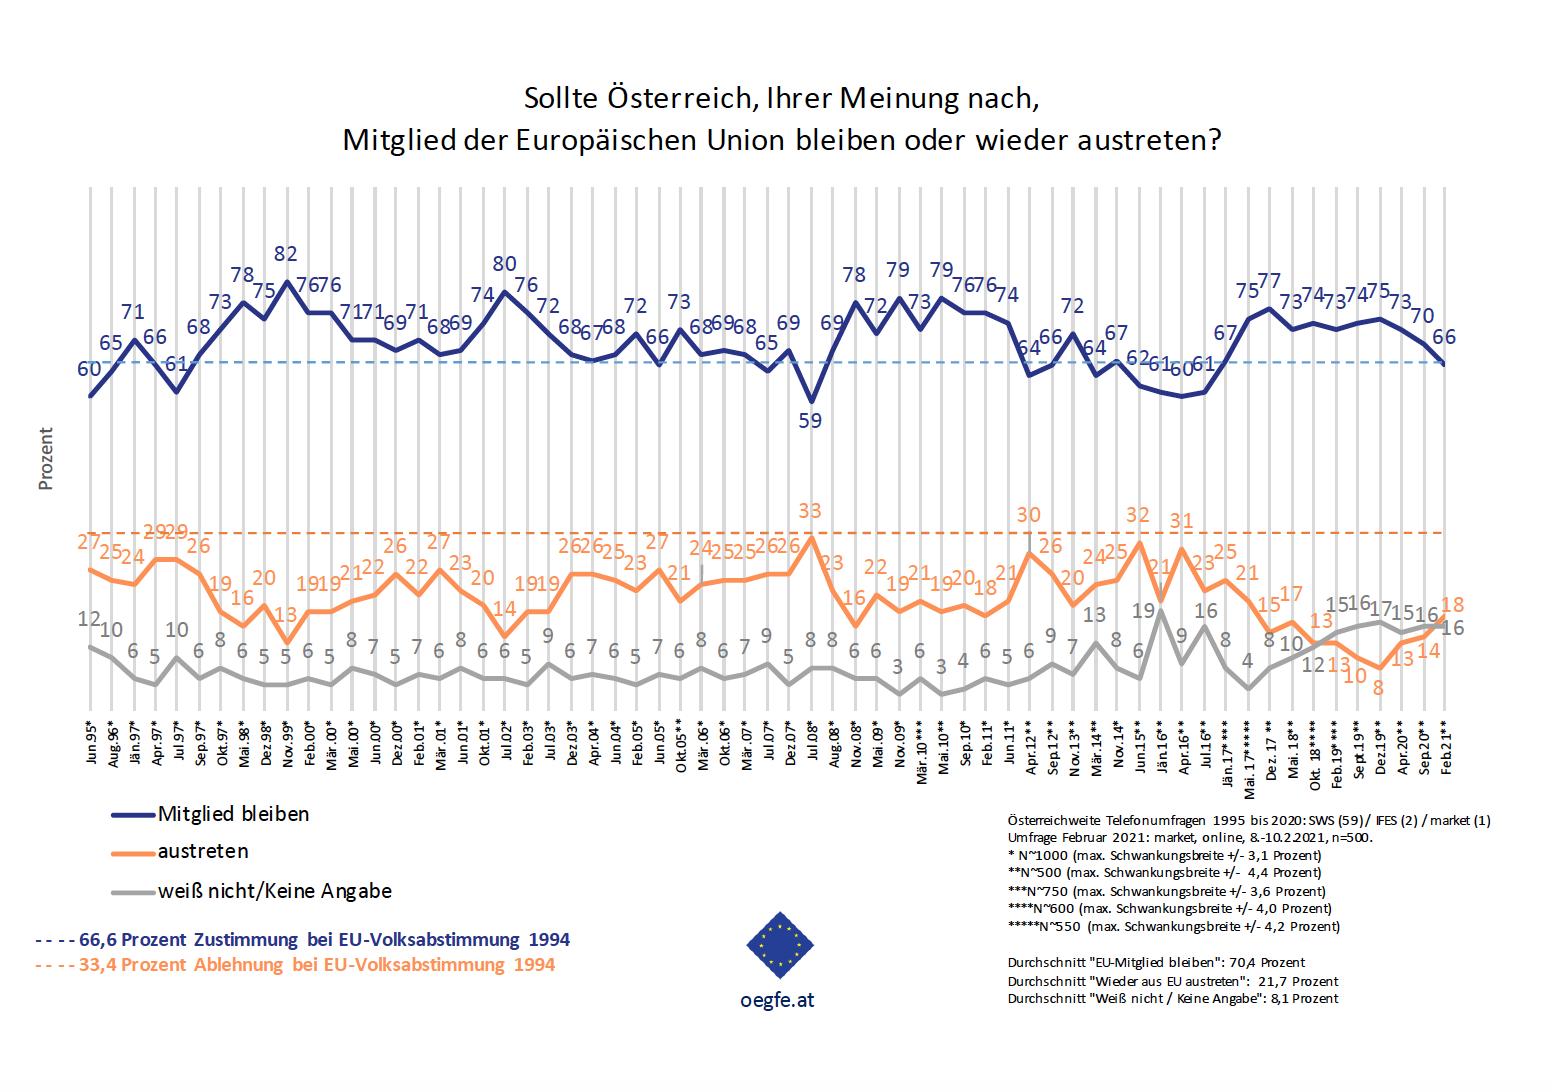 ÖGfE-Umfrage: Die Corona-Pandemie hinterlässt ihre Spuren im EU-Meinungsbild